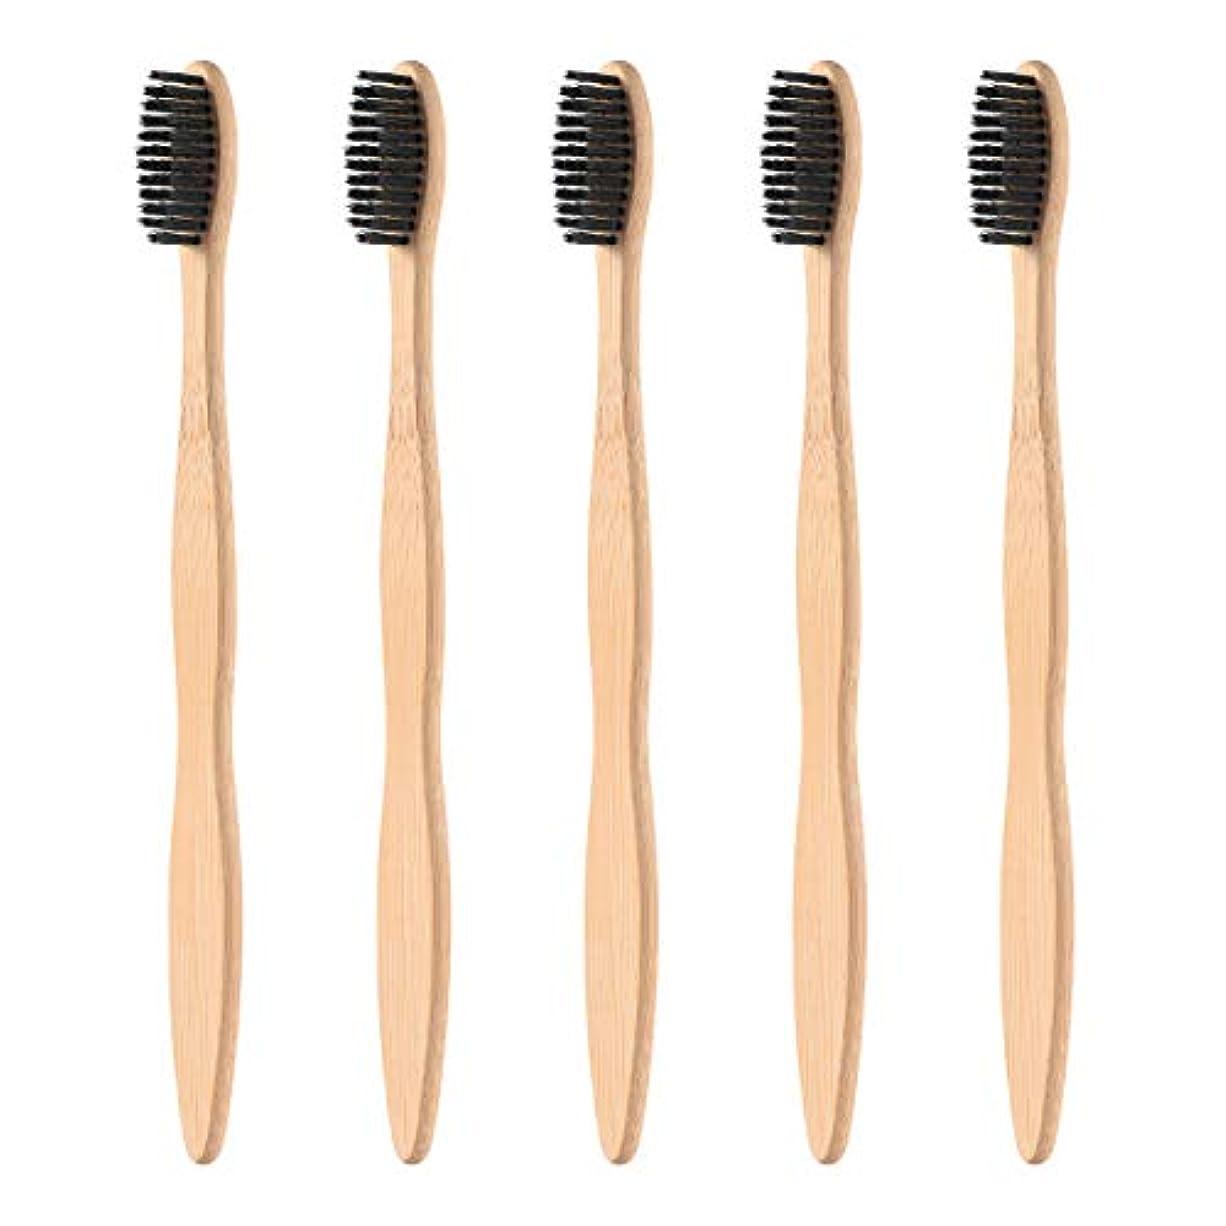 Healifty 柔らかい黒い剛毛が付いている5pcsタケハンドルの歯ブラシの自然な木のEcoの友好的な歯ブラシ